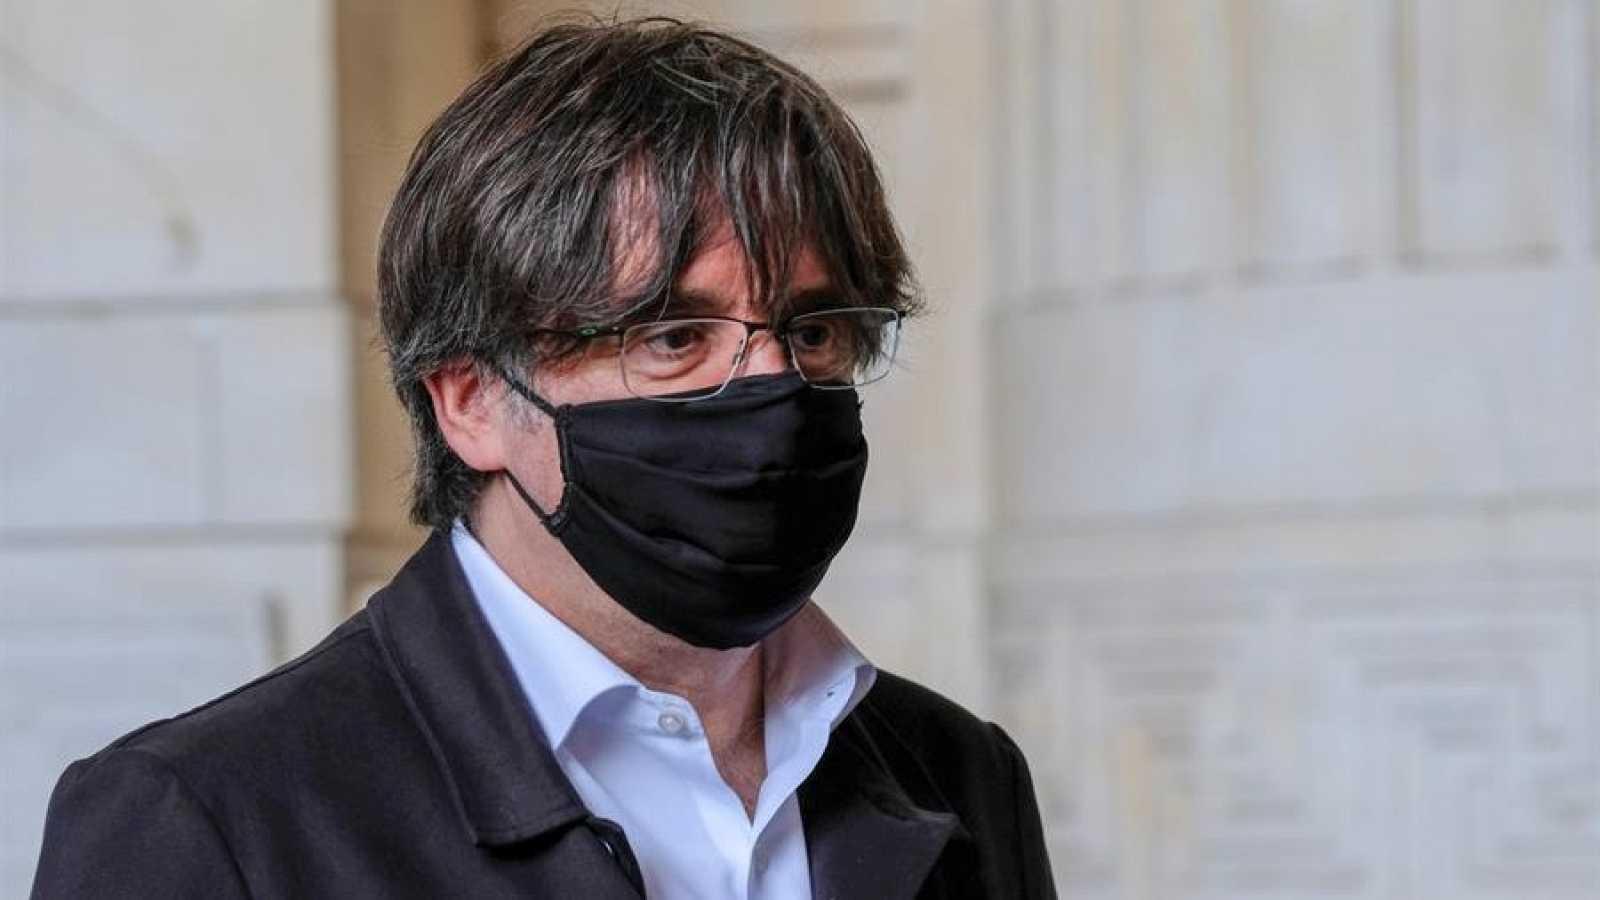 Carles Puigdemont acude al Palacio de Justicia de Bruselas (Bélgica)